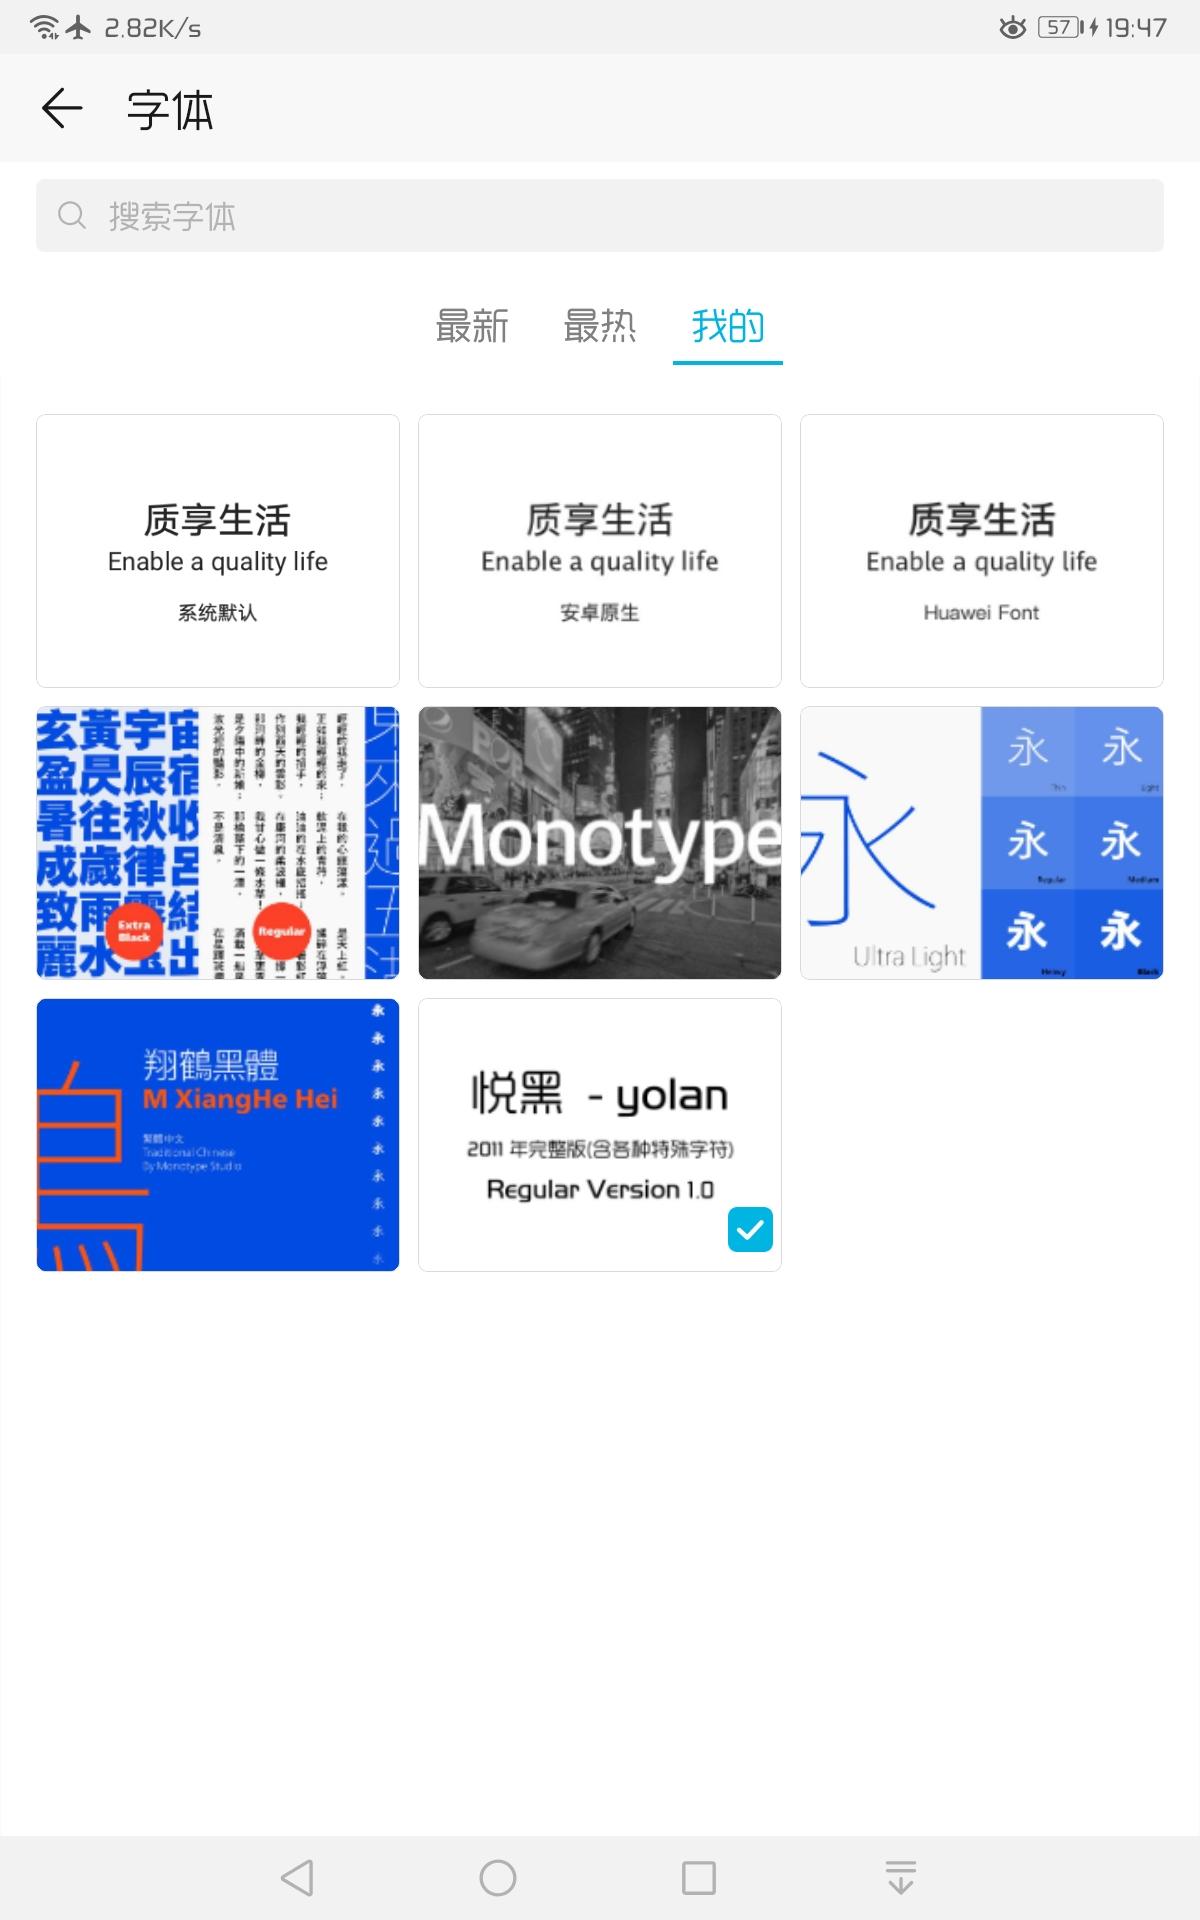 Screenshot_20190326_194752_com.huawei.android.the.jpg